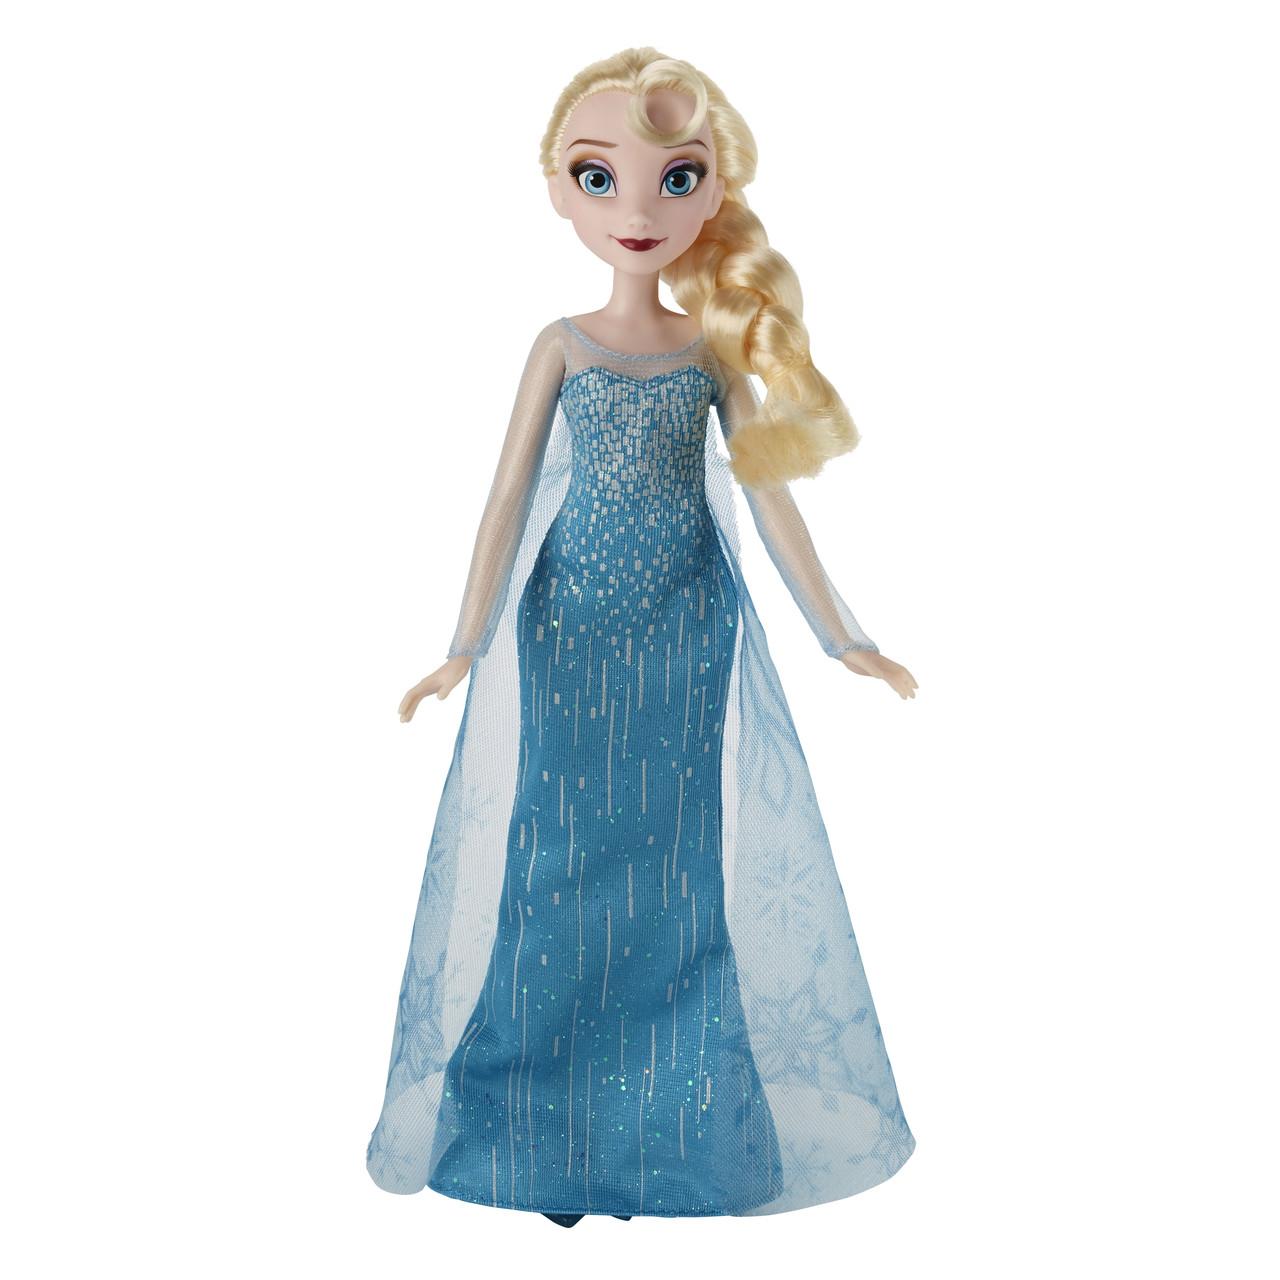 Куклы и пупсы «Disney Frozen» (B5161_E0315) классическая кукла Эльза (Elsa), 26 см